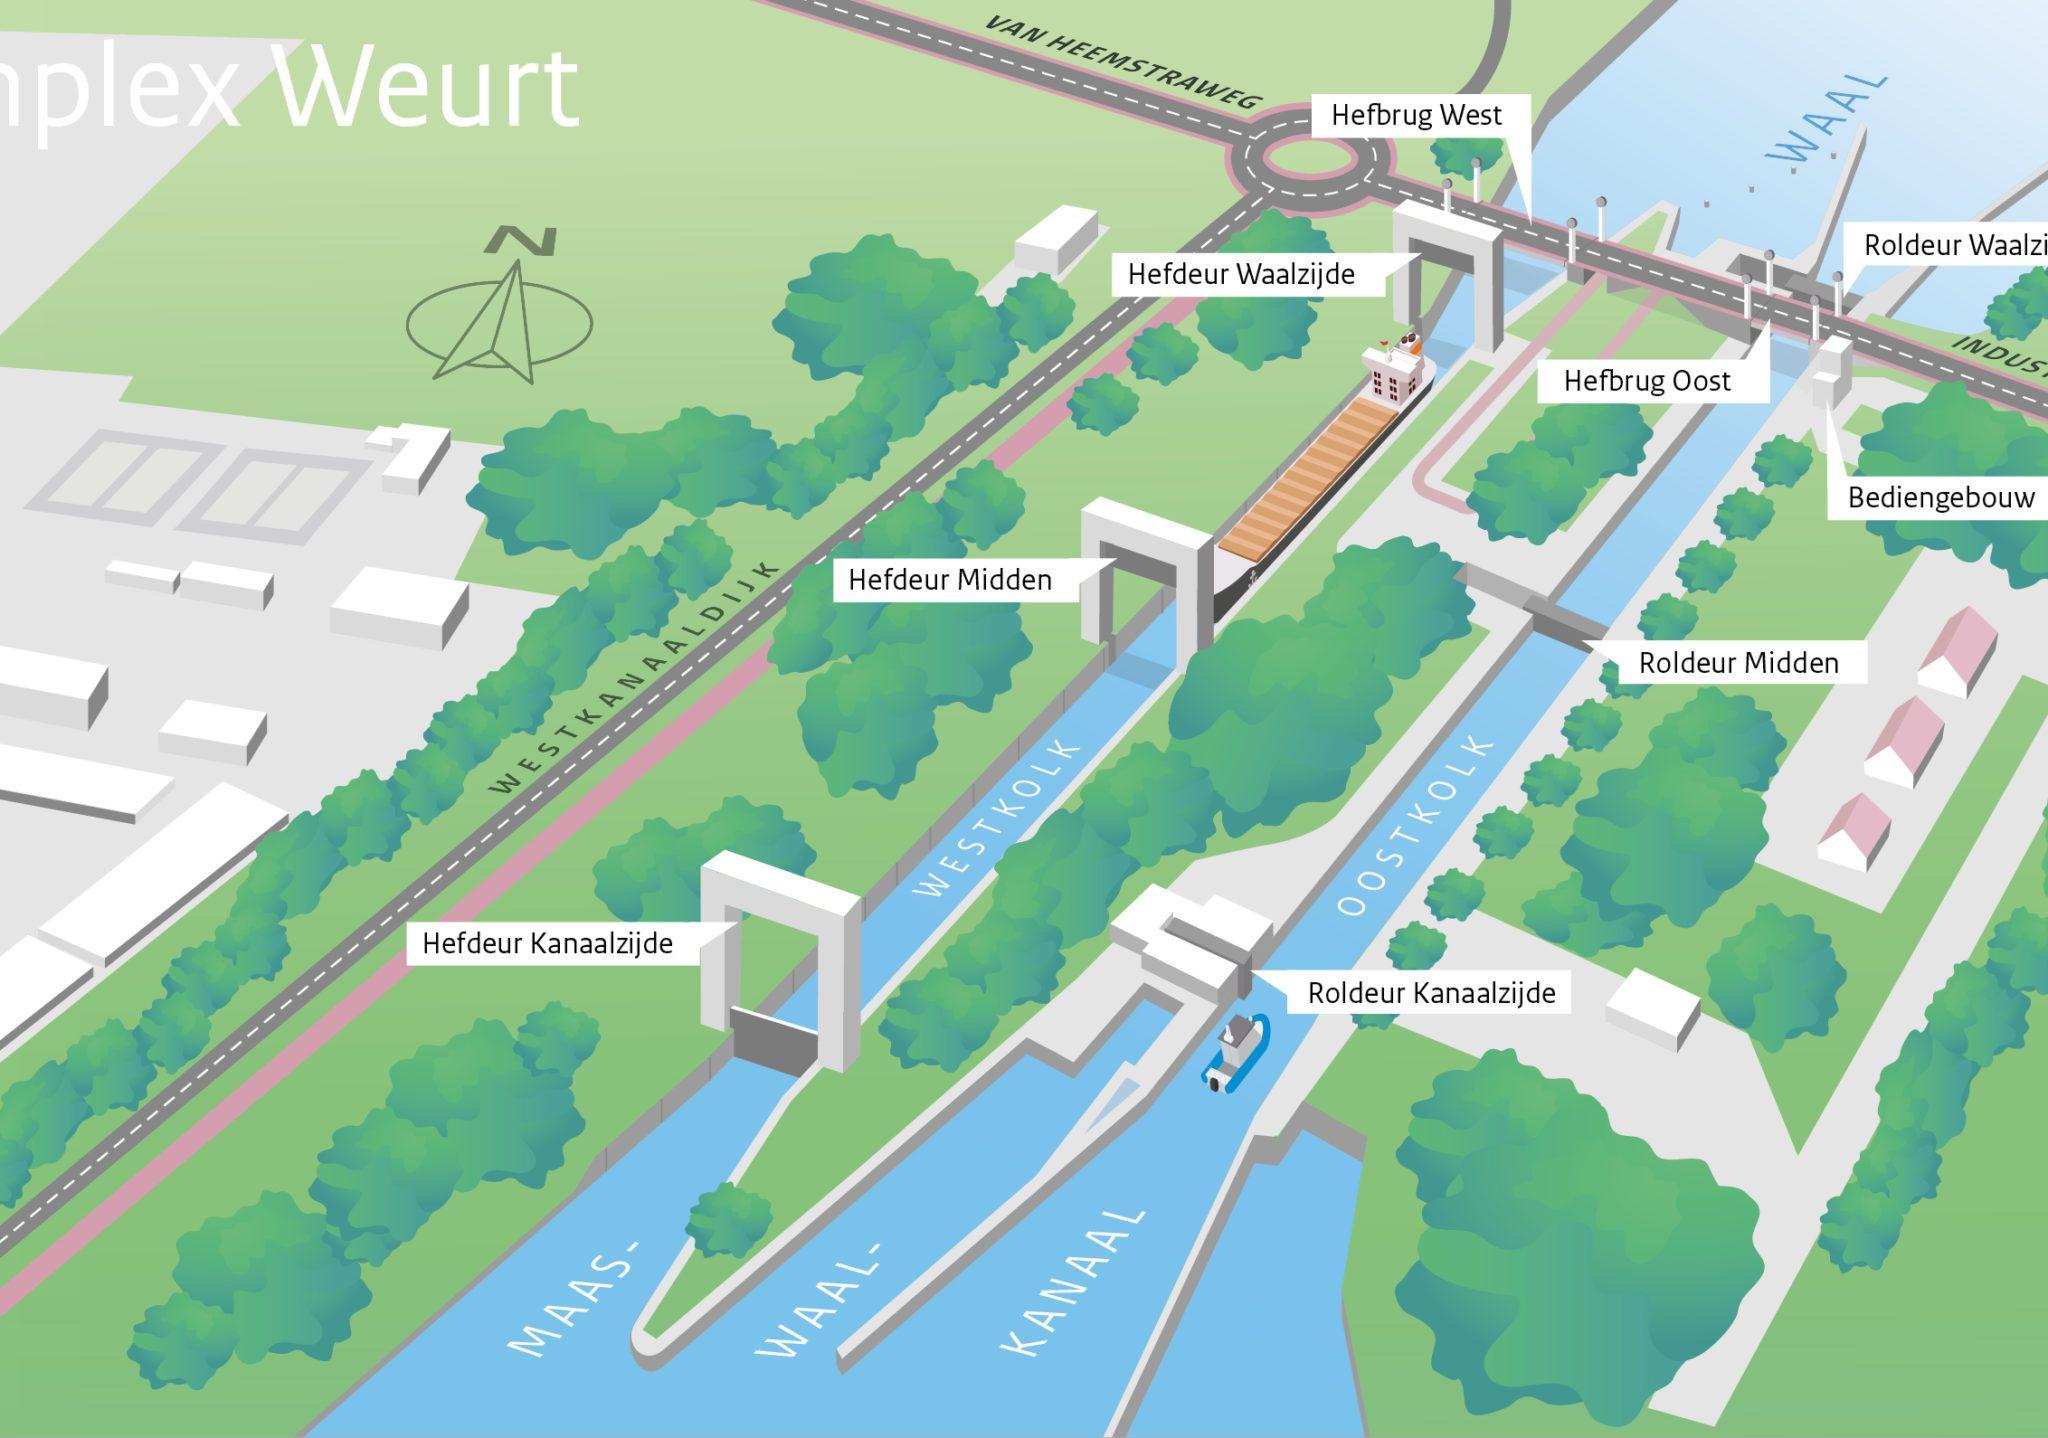 De komende jaren voert Rijkswaterstaat groot onderhoud uit aan sluis Weurt. (Infographic Rijkswaterstaat)